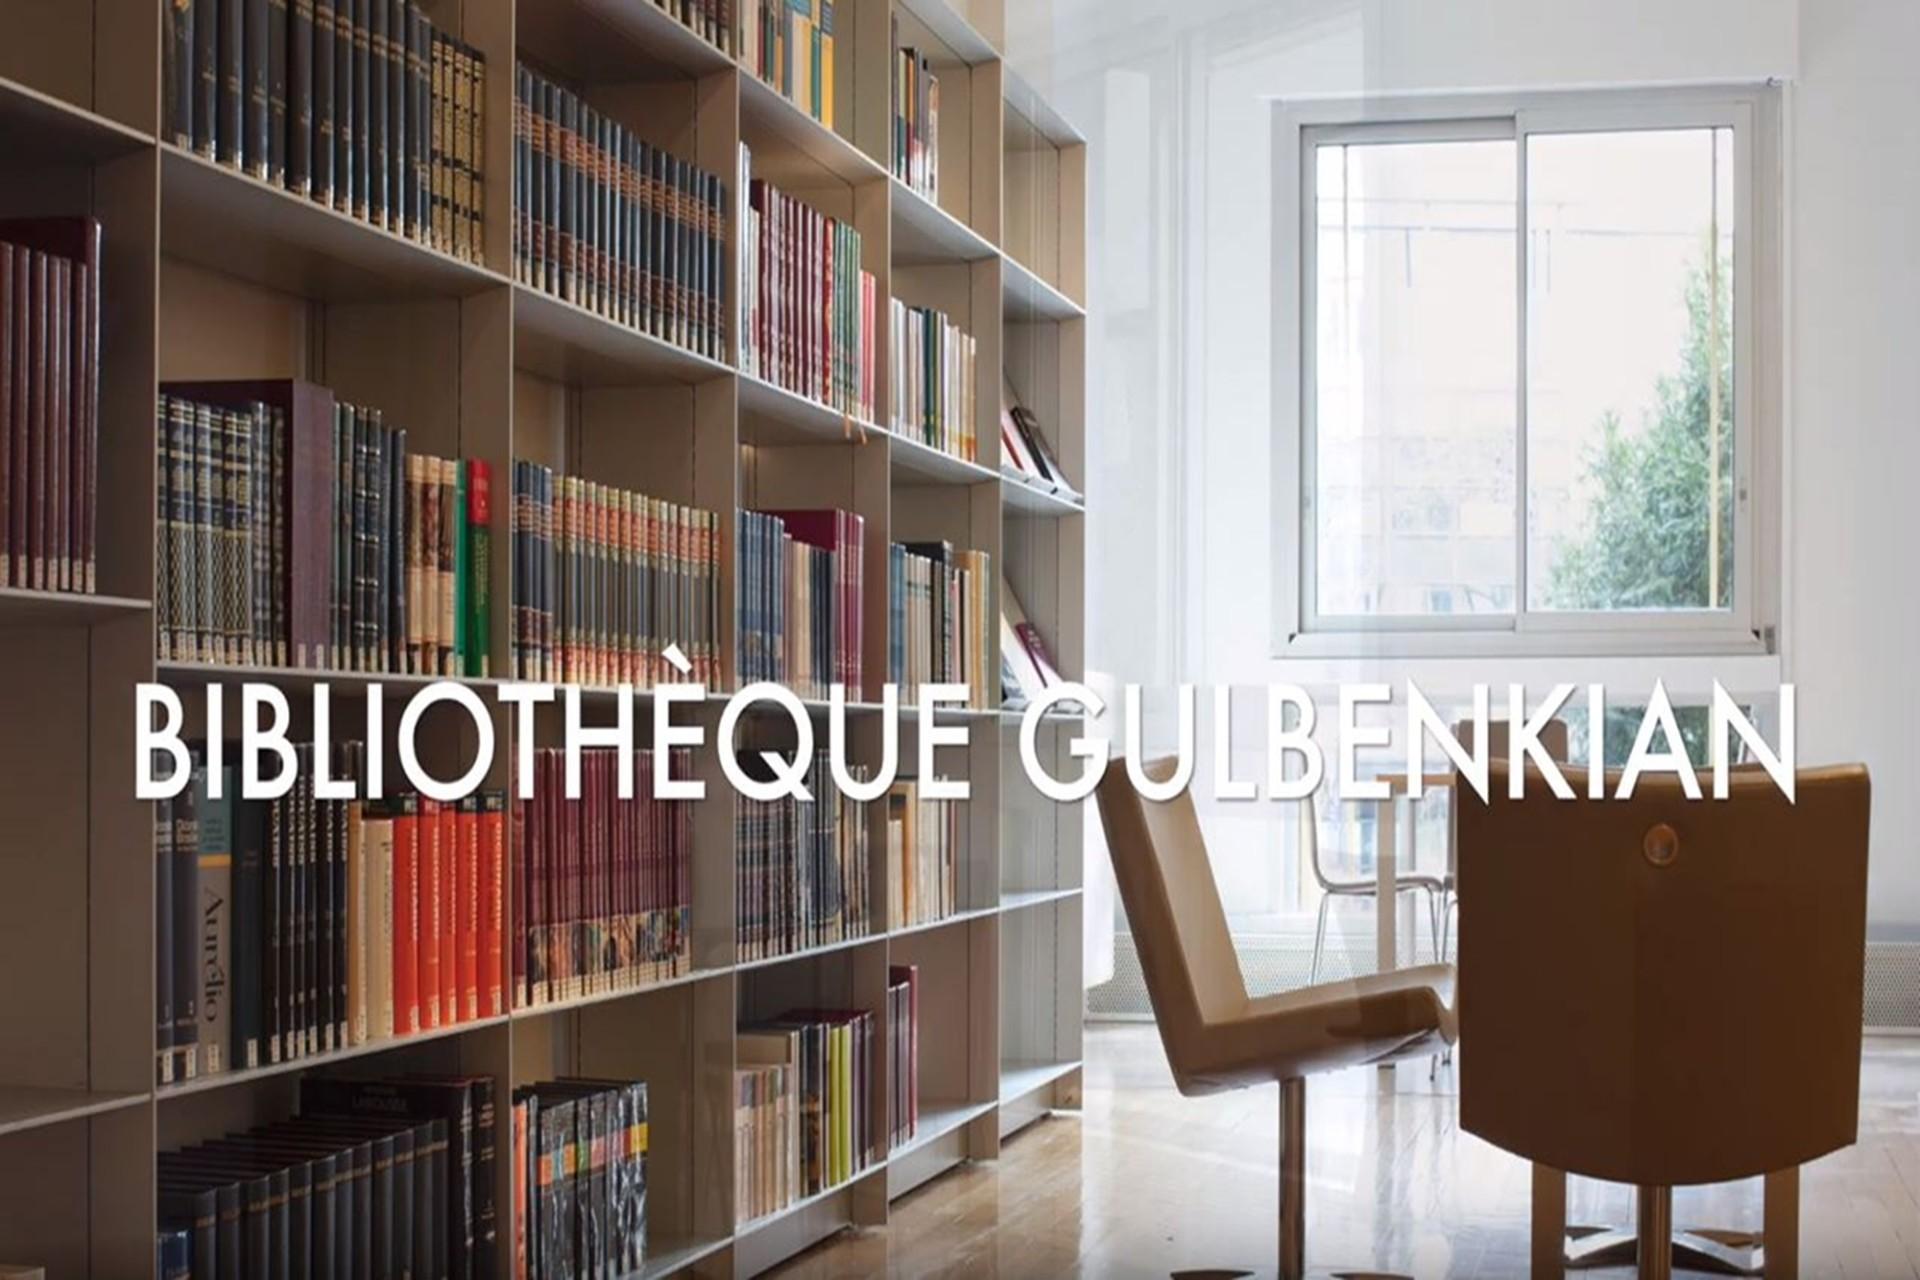 Visite virtuelle de la bibliothèque